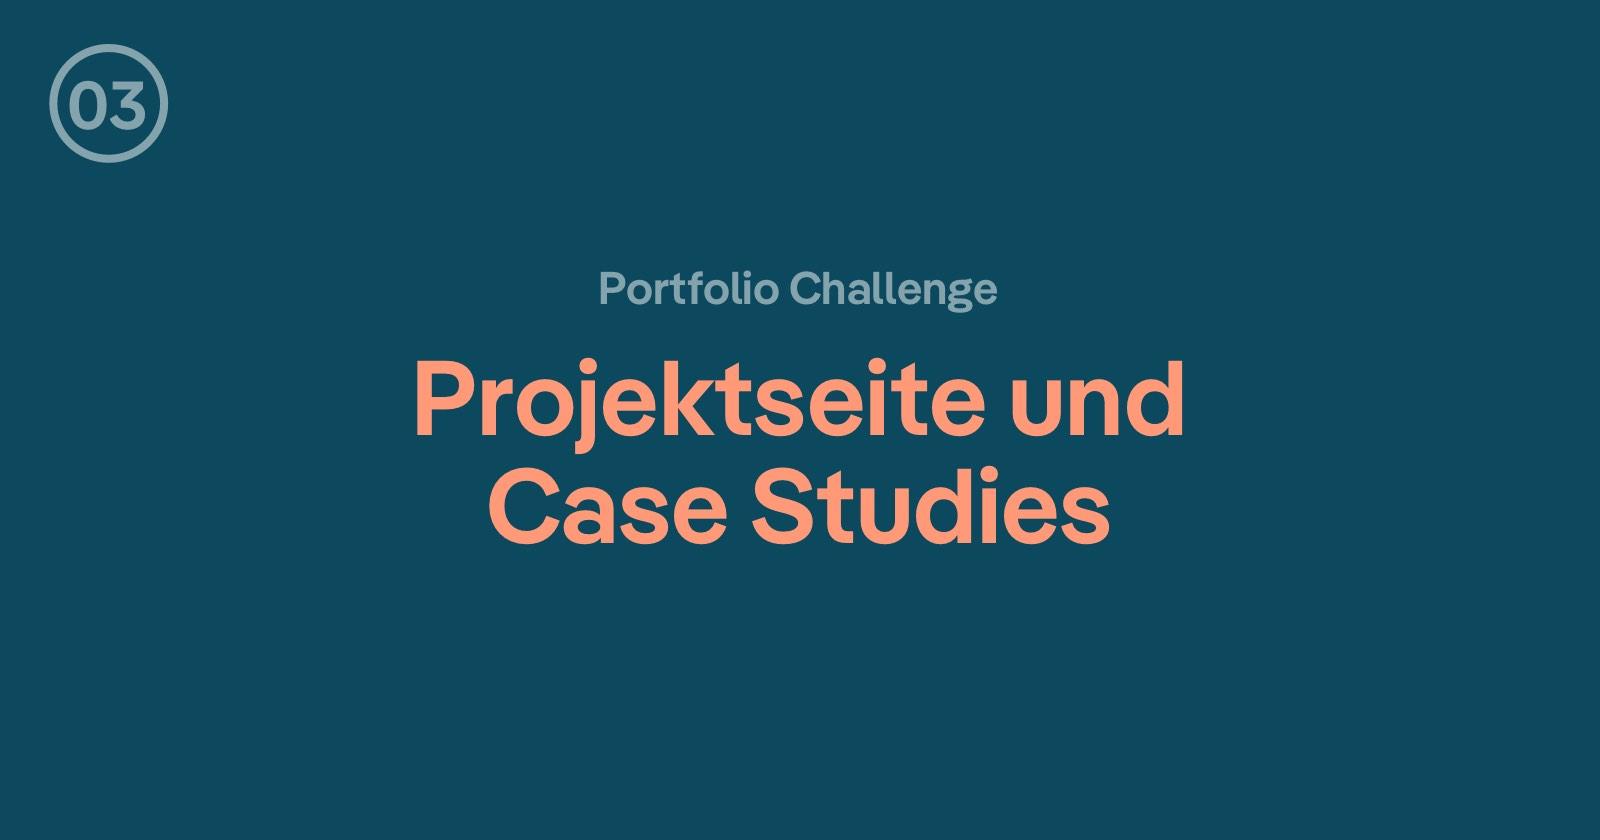 Portfolio Aufbau: Wie überzeugt deine Projektseite neue Kunden?